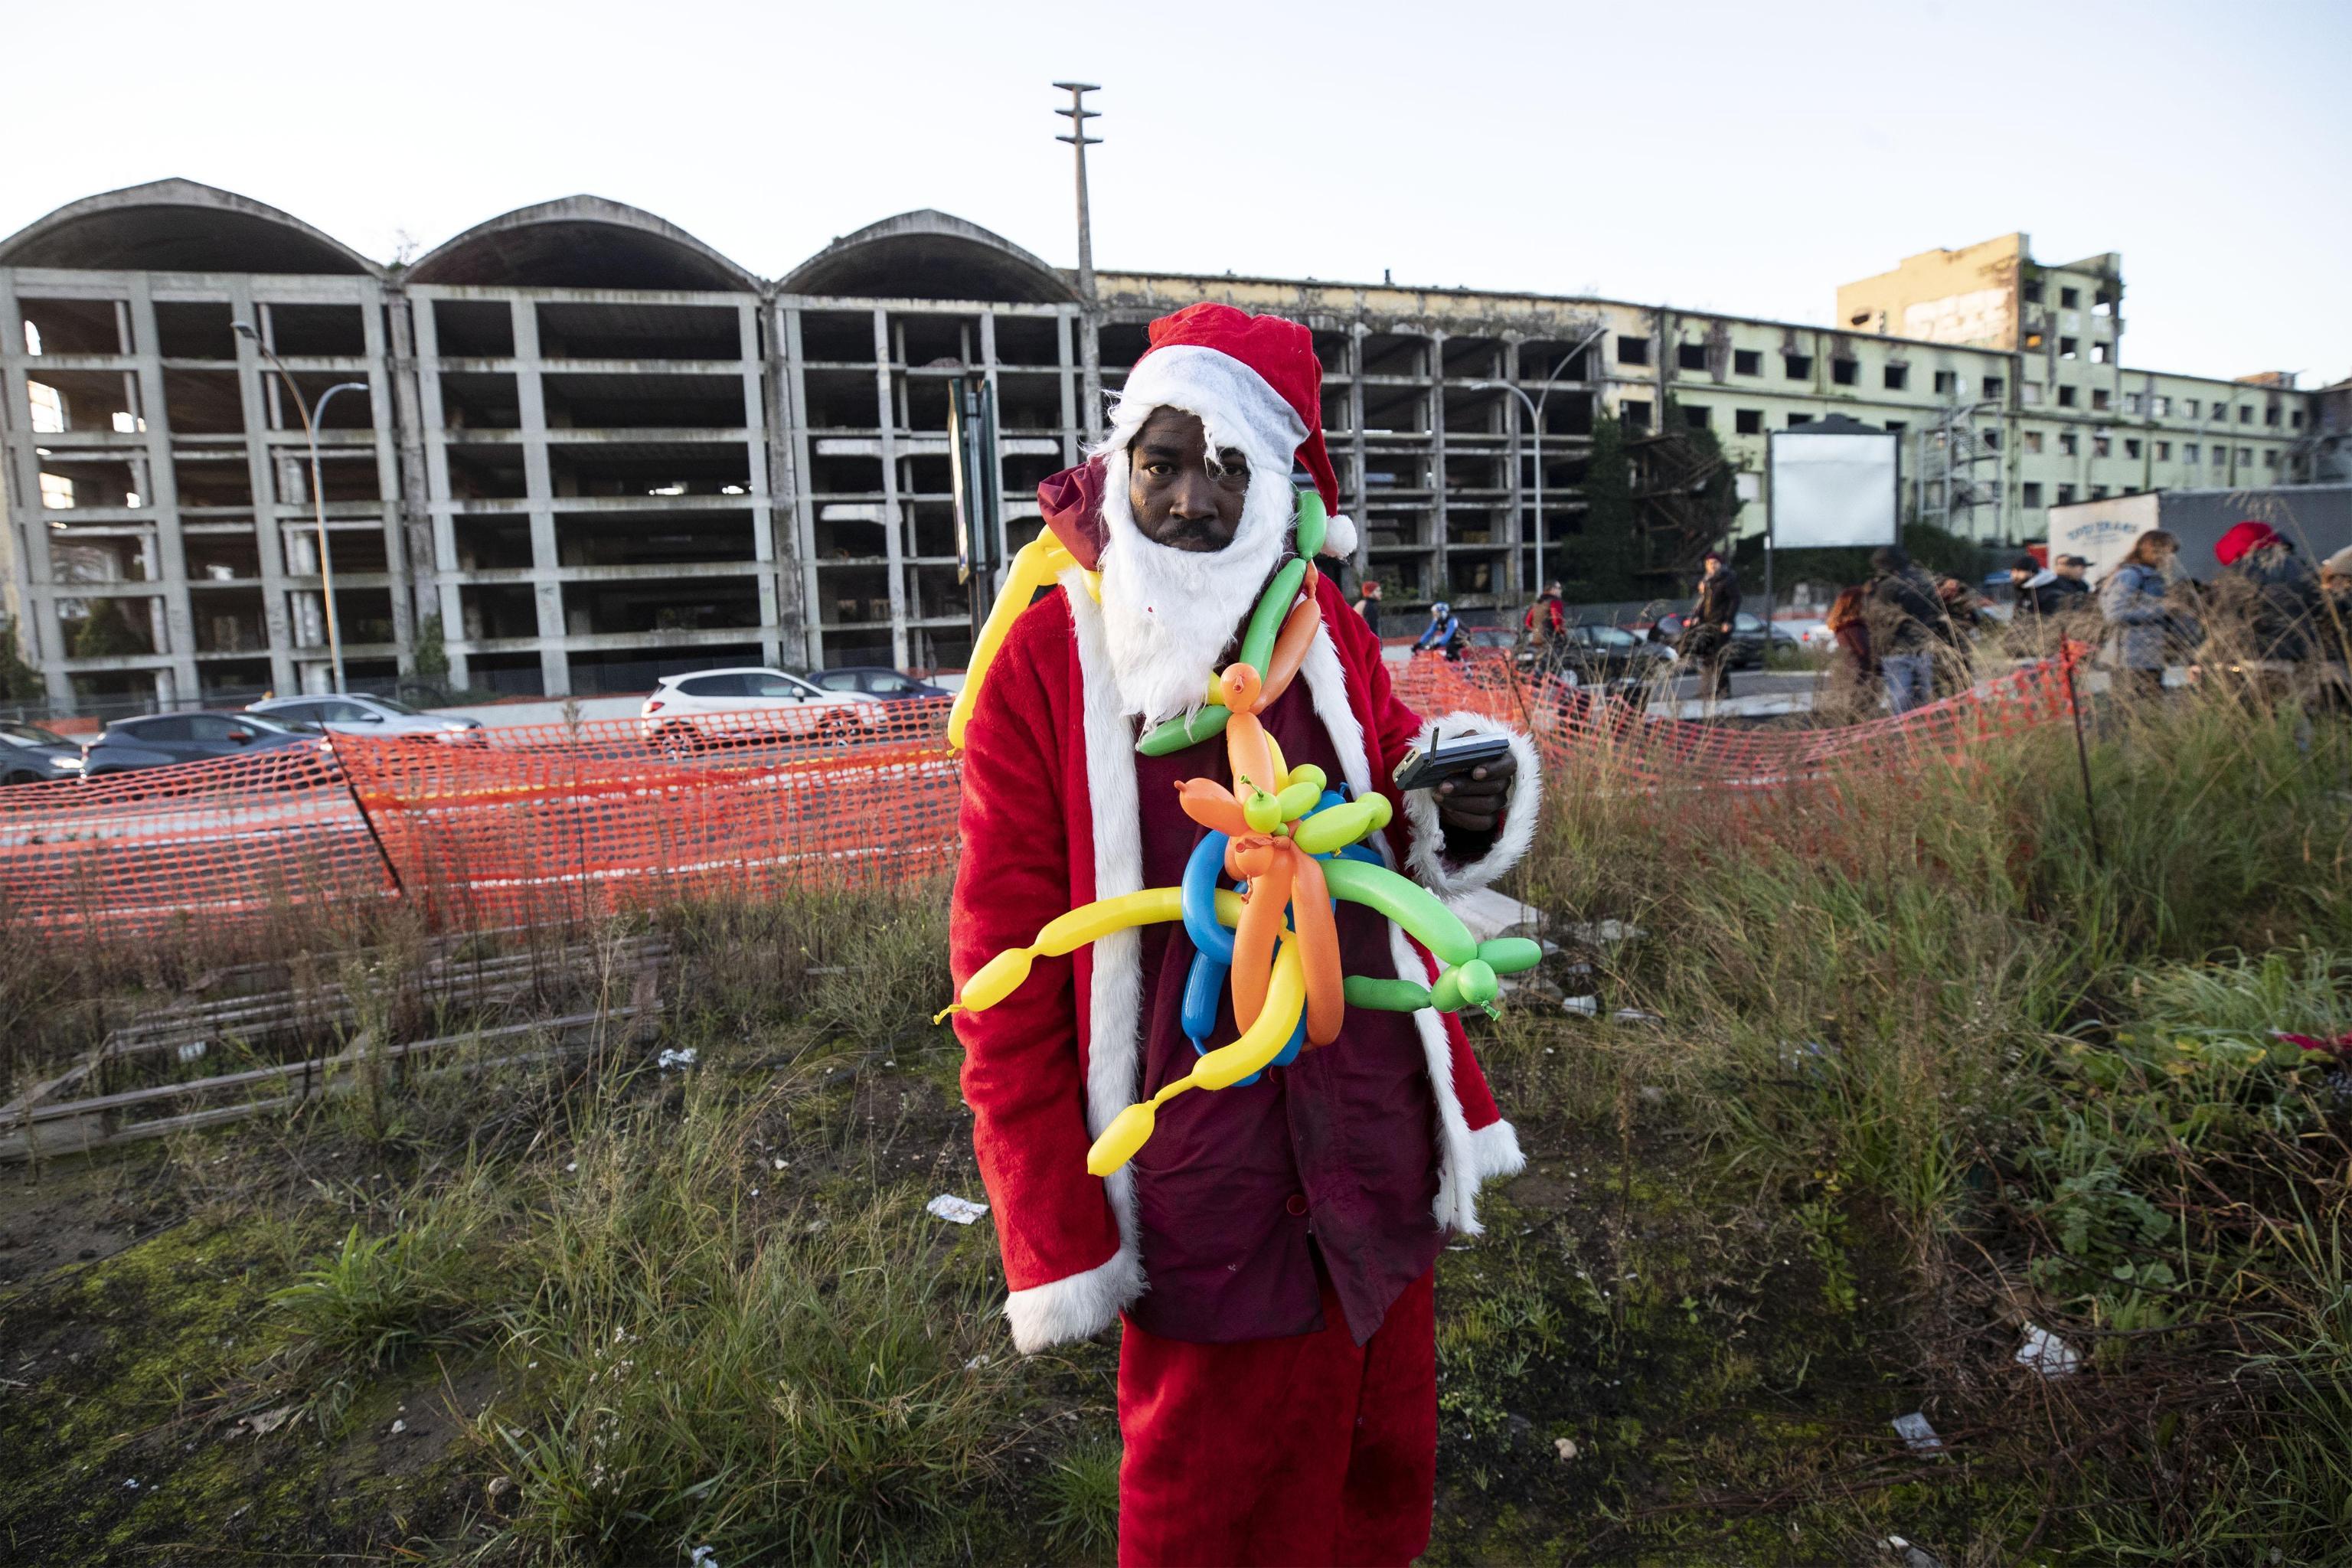 Un abitante, vestito da babbo Natale,  dell'ex fabbrica di penicillina su via Tiburtina a Roma, 10 dicembre 2018. ANSA/PERI - PERCOSSI